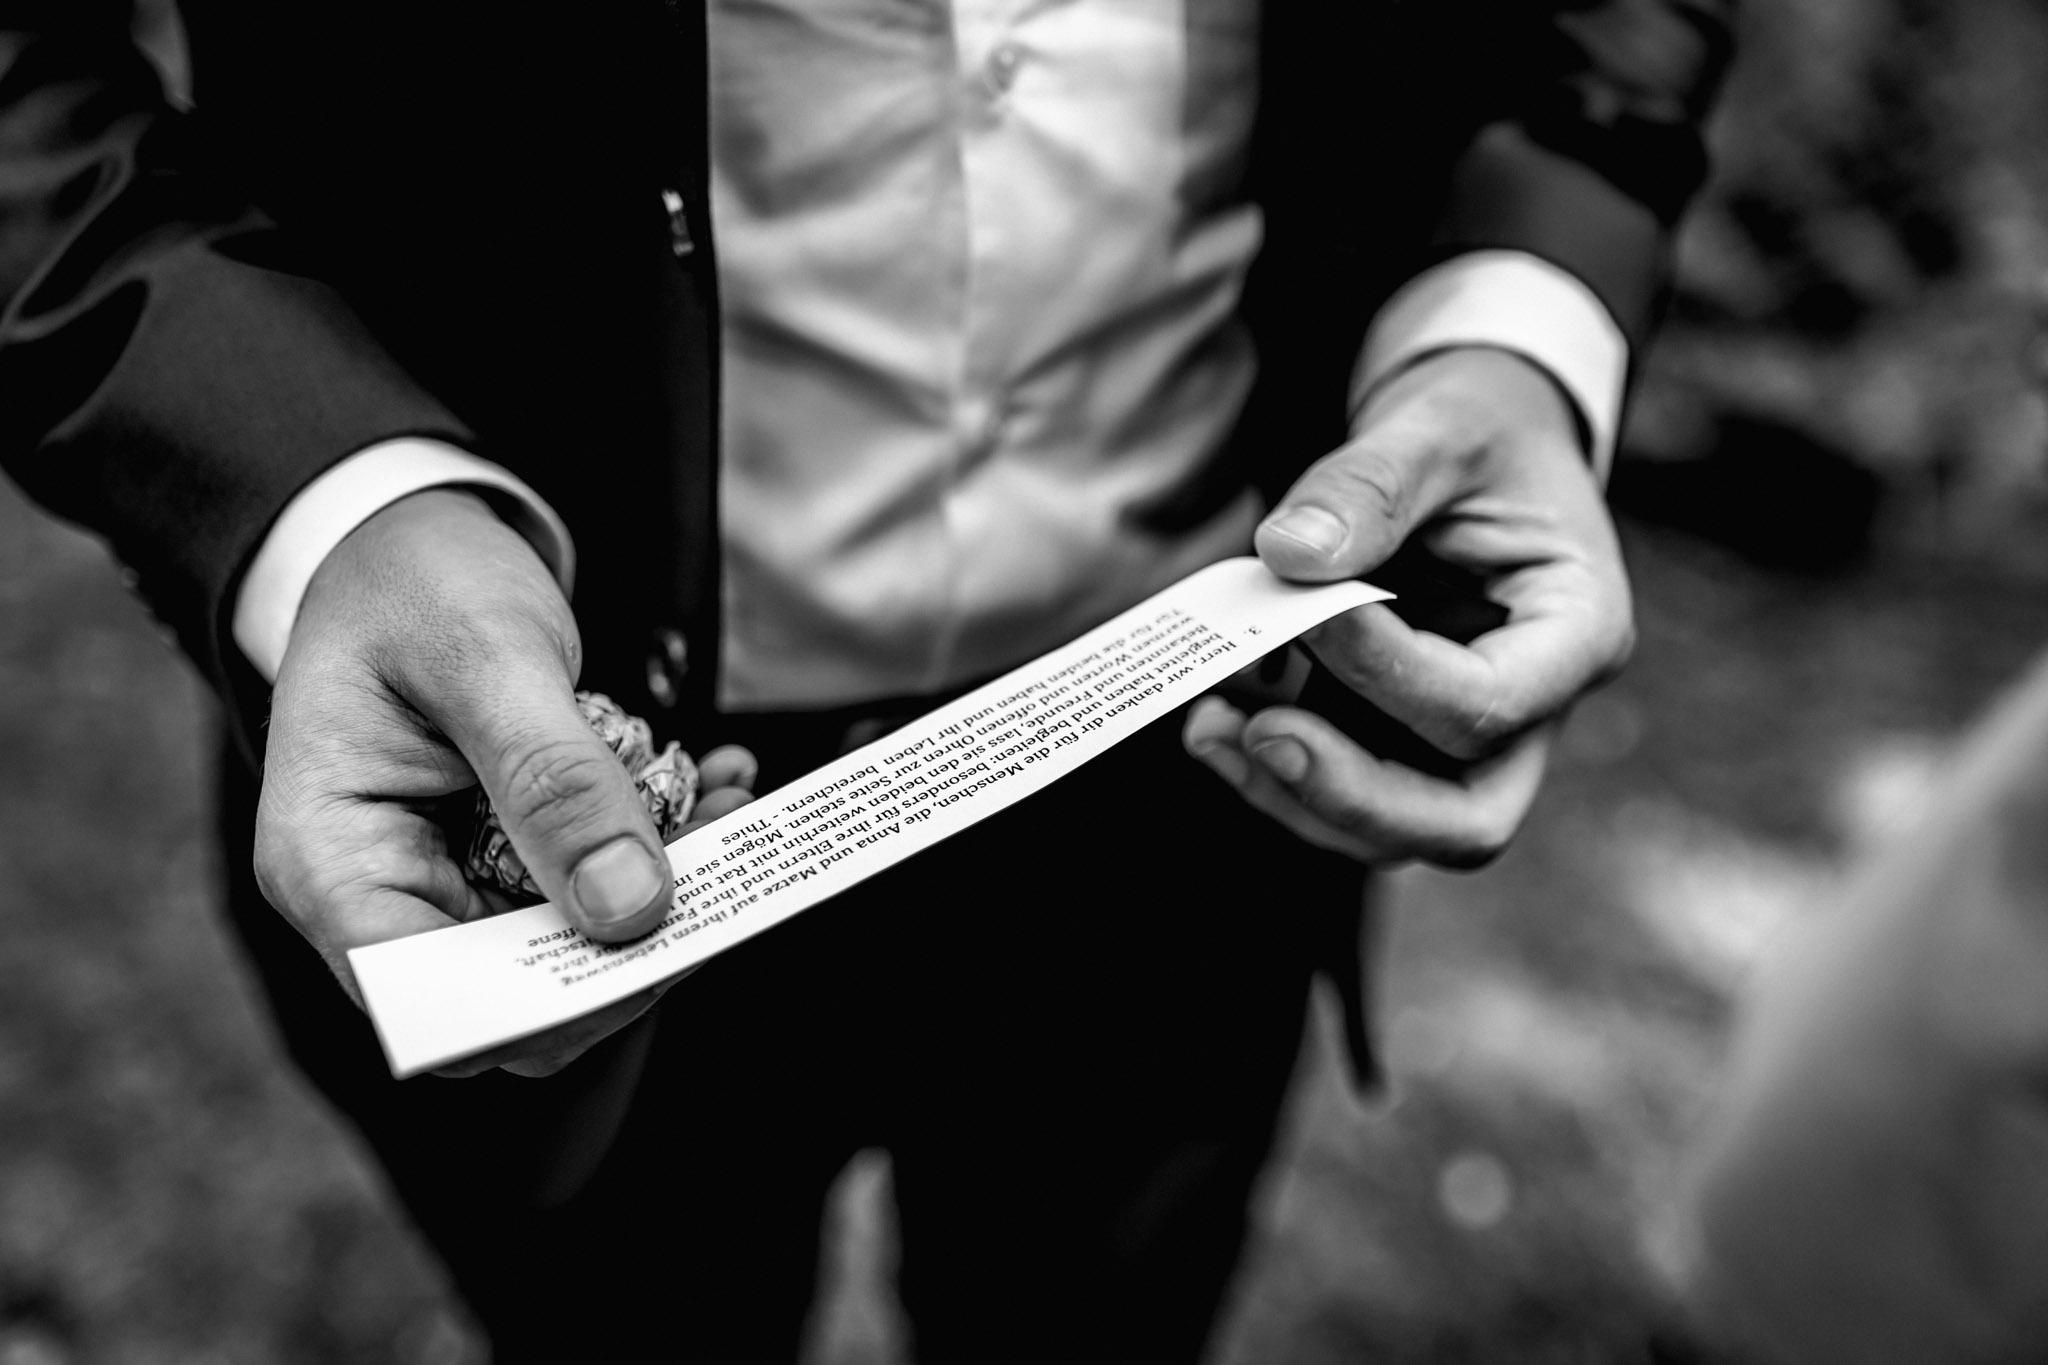 Sven Schomburg Hochzeitsfotografie, Hamburg, Mölln, Hochzeitsfieber by Photo-Schomburg, Hochzeitsreportage, Forsthaus Waldhusen, Braut, Bräutigam-17